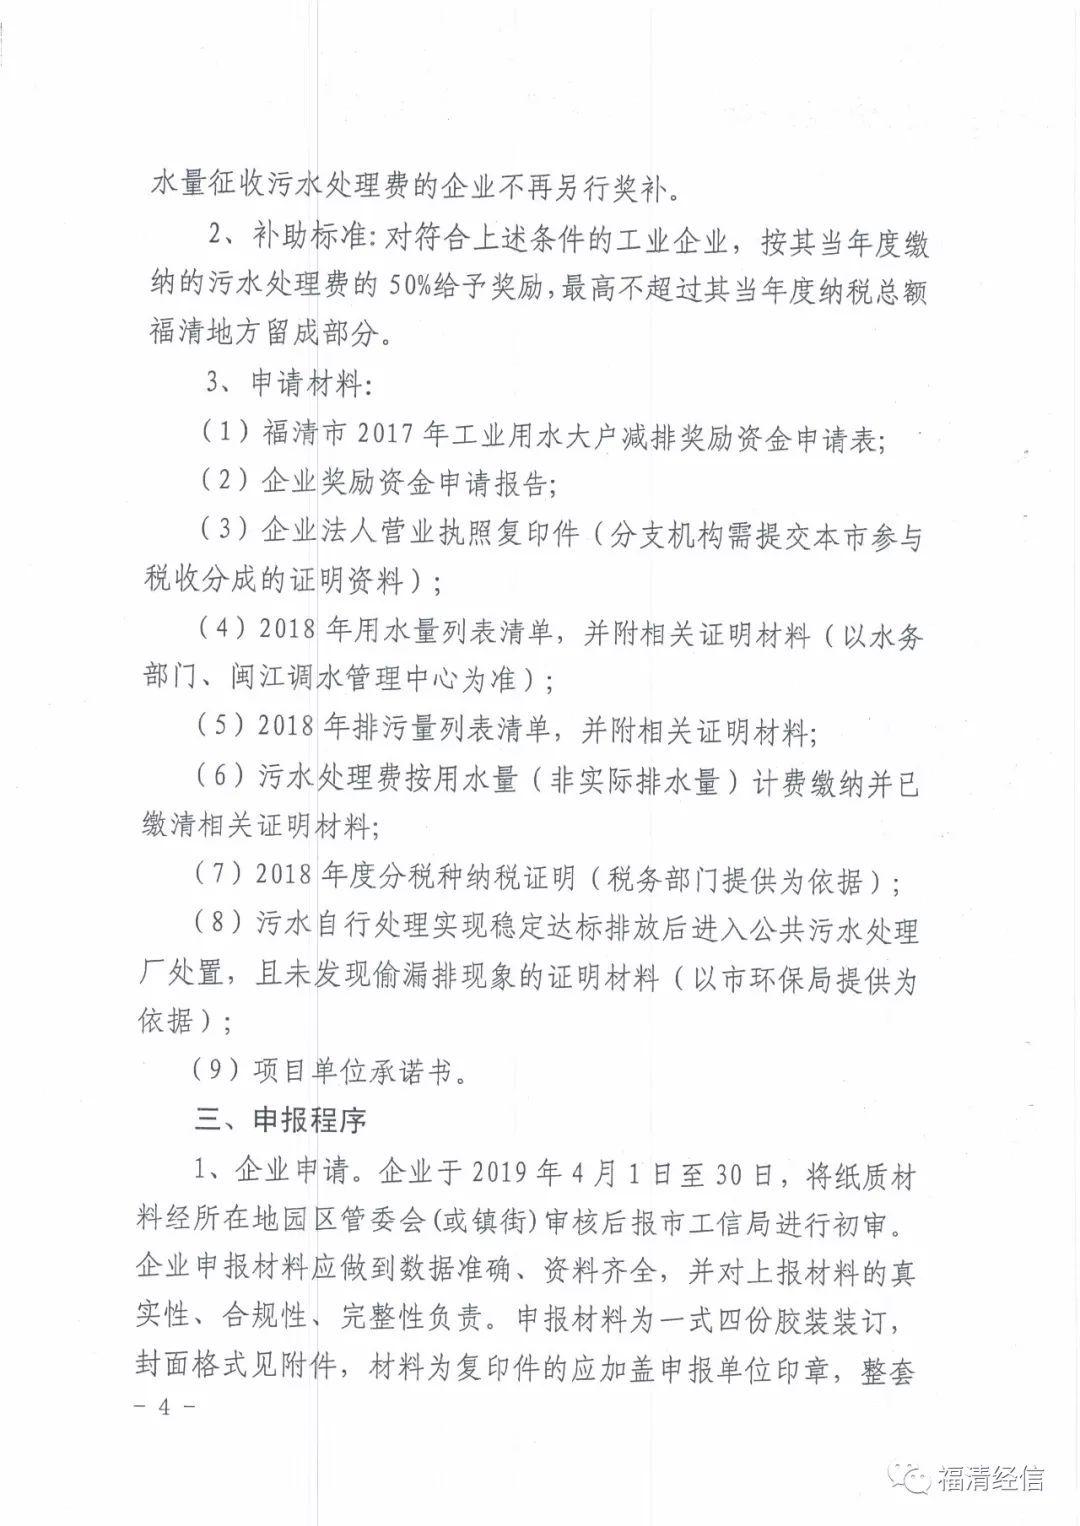 2019福清经济_关于组织申报2019年福清市工业企业节能循环经济项目及用水大户减排...